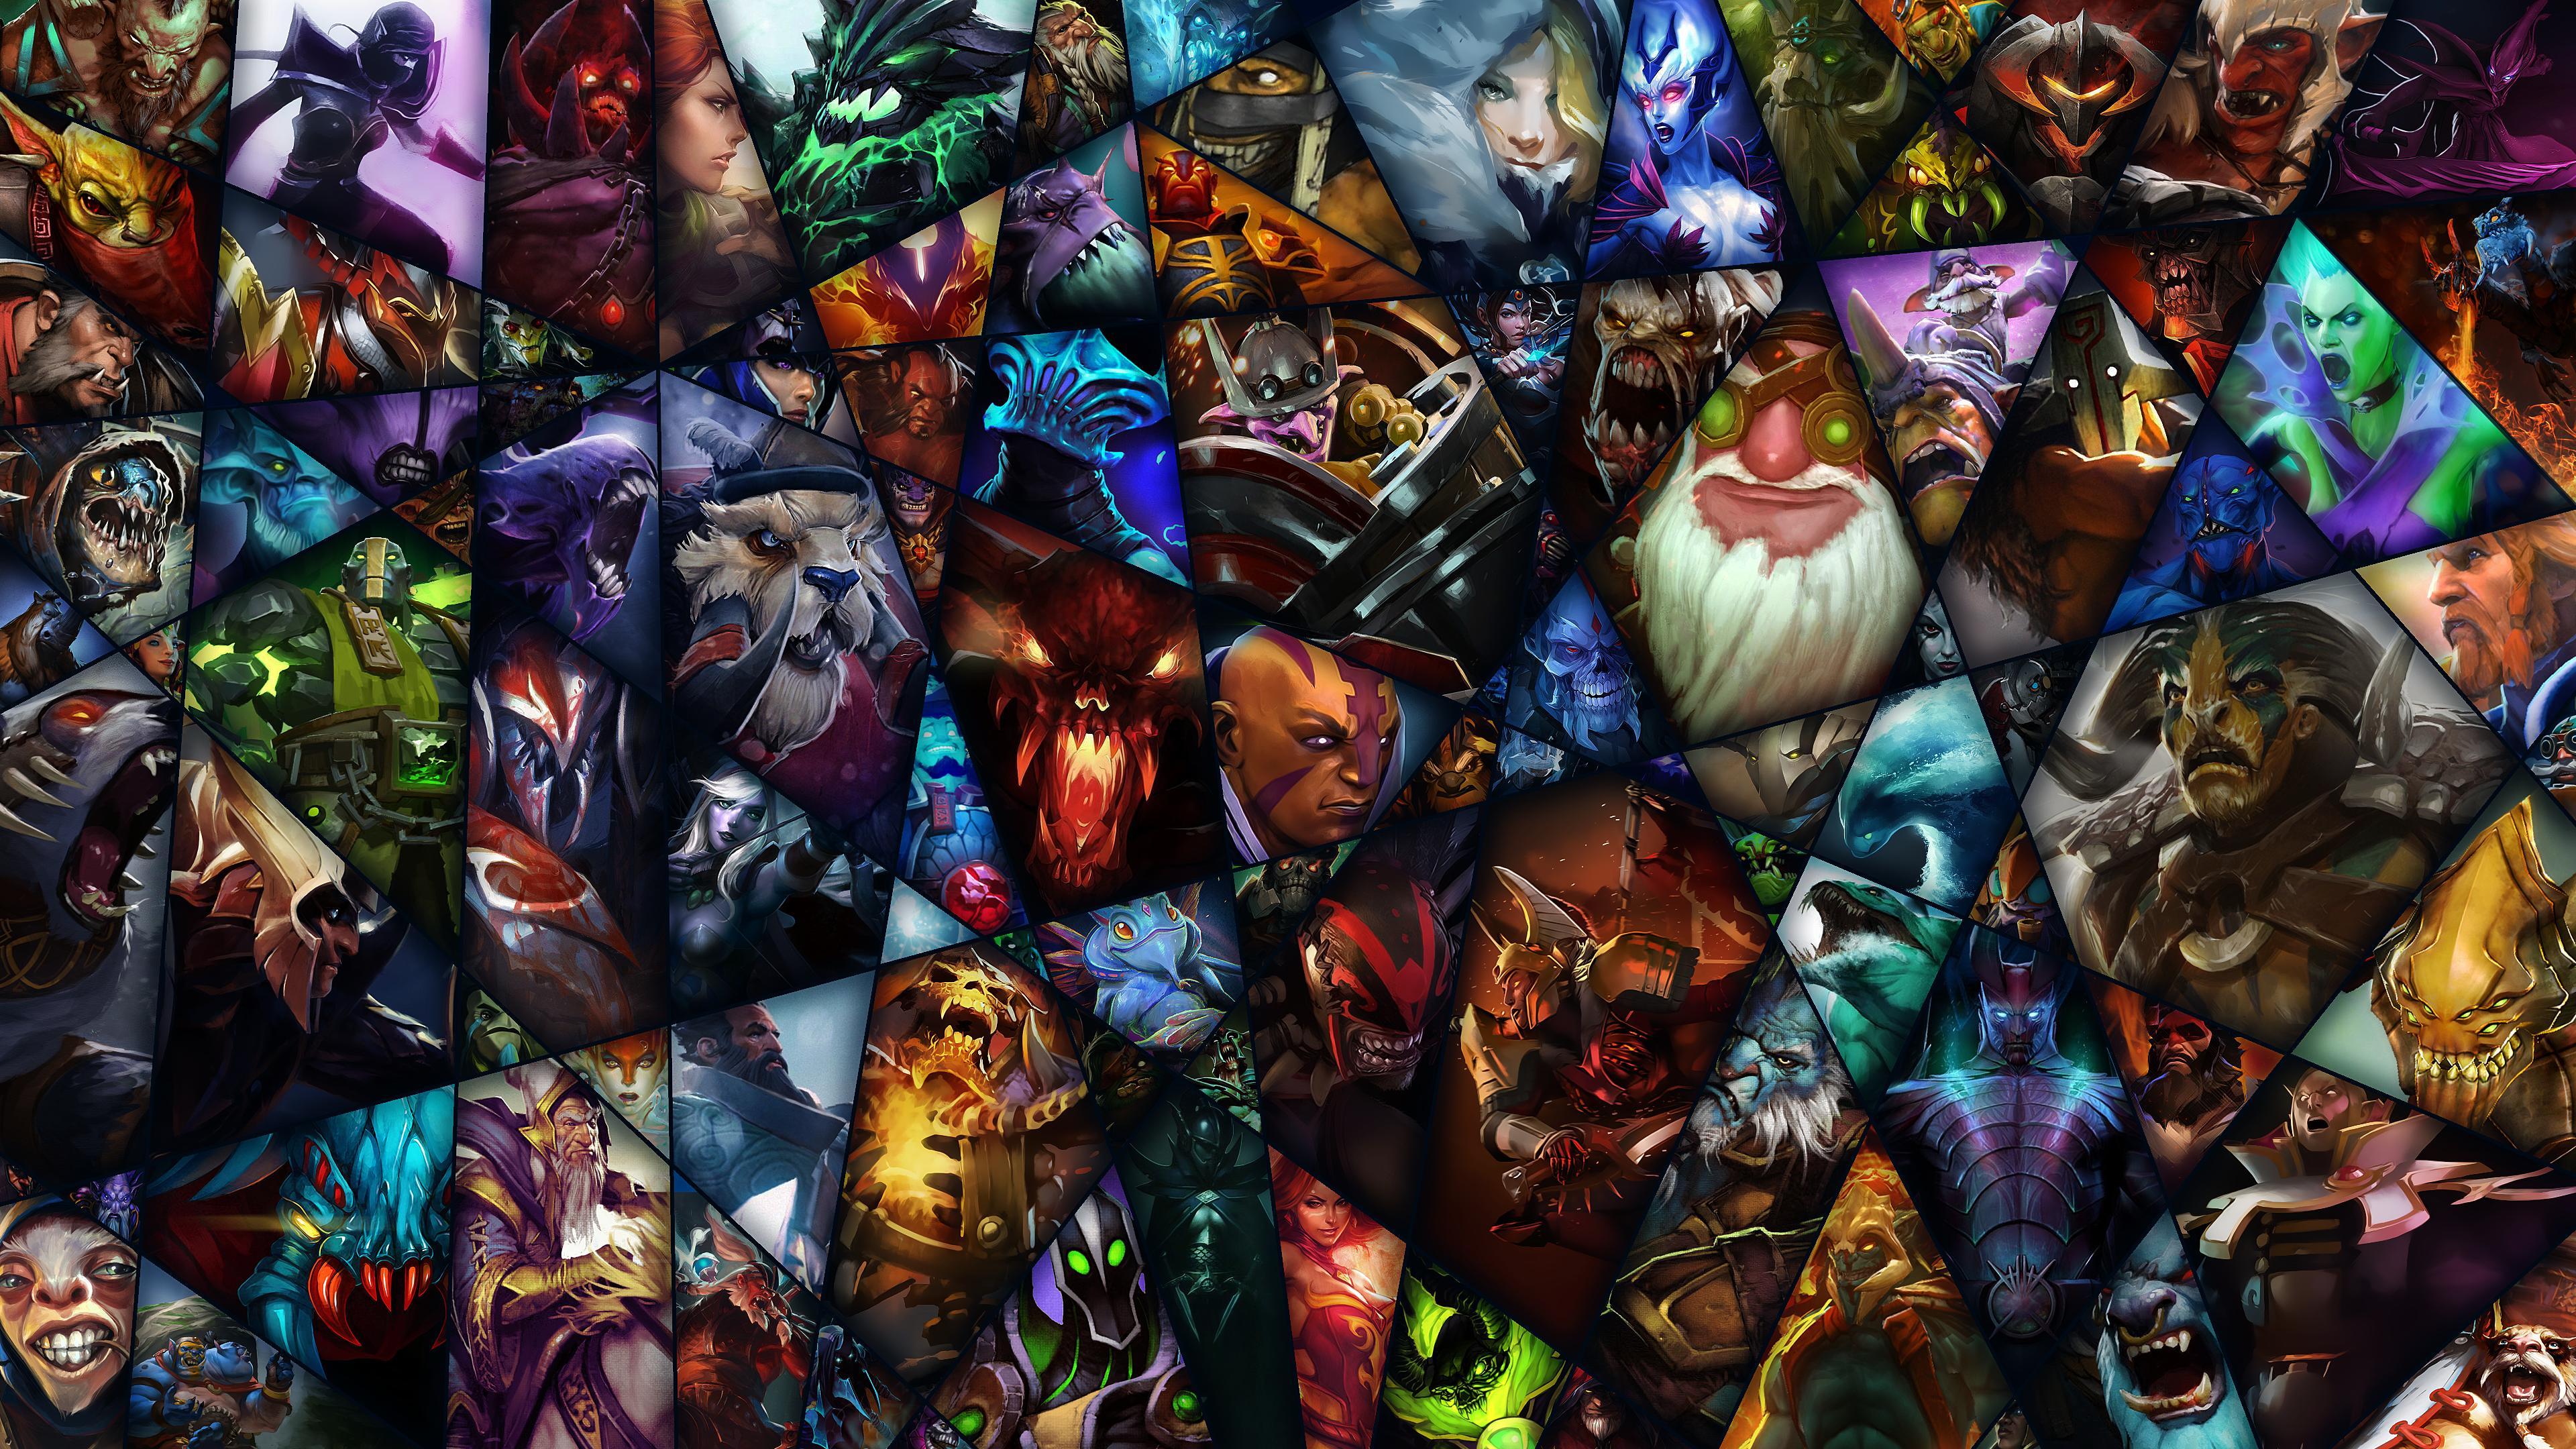 Количество играющих в Dota 2 одновременно превысило 1 млн. человек. - Изображение 1